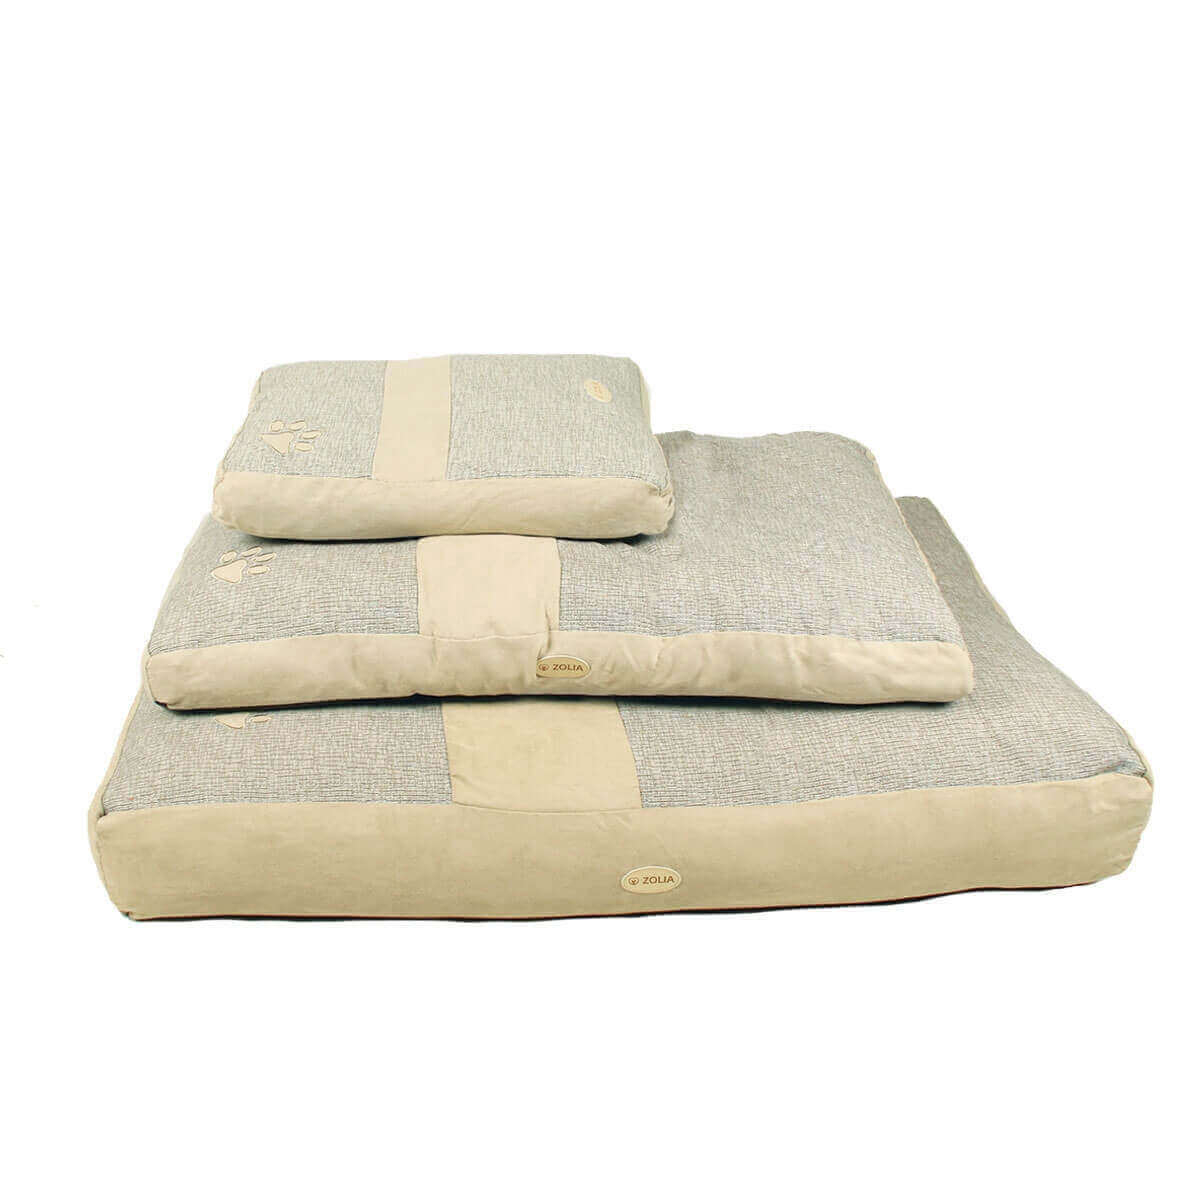 Cojín ZOLIA desenfundable MACAO color gris y beige_4